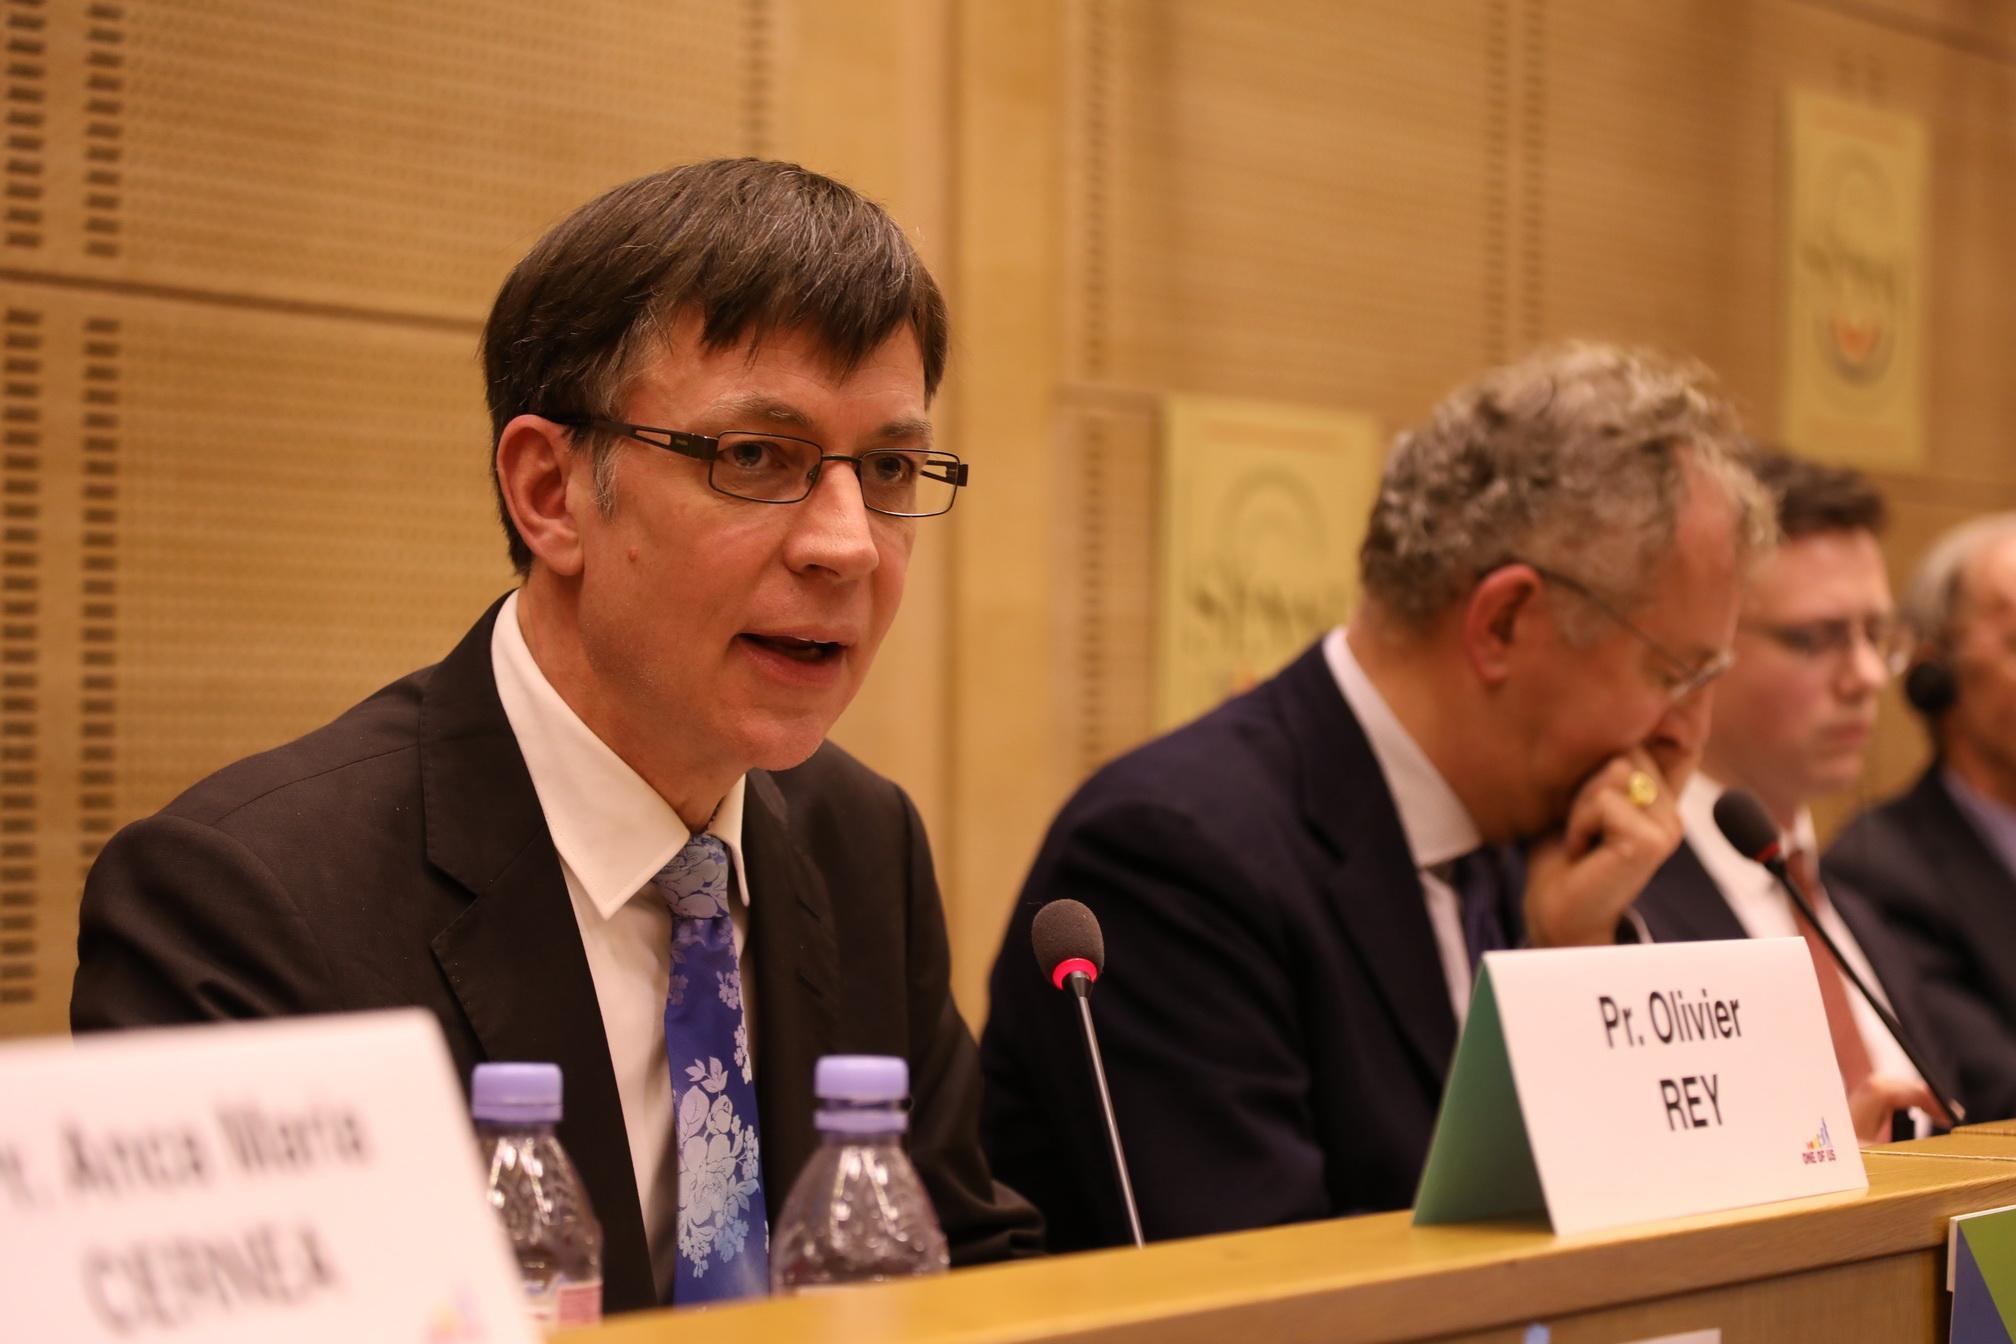 De gauche à droite : Bence Rétvari, ministre hongrois des capacités humaines (santé, famille, etc.), Mme et M. Bruchalski, Thierry de l